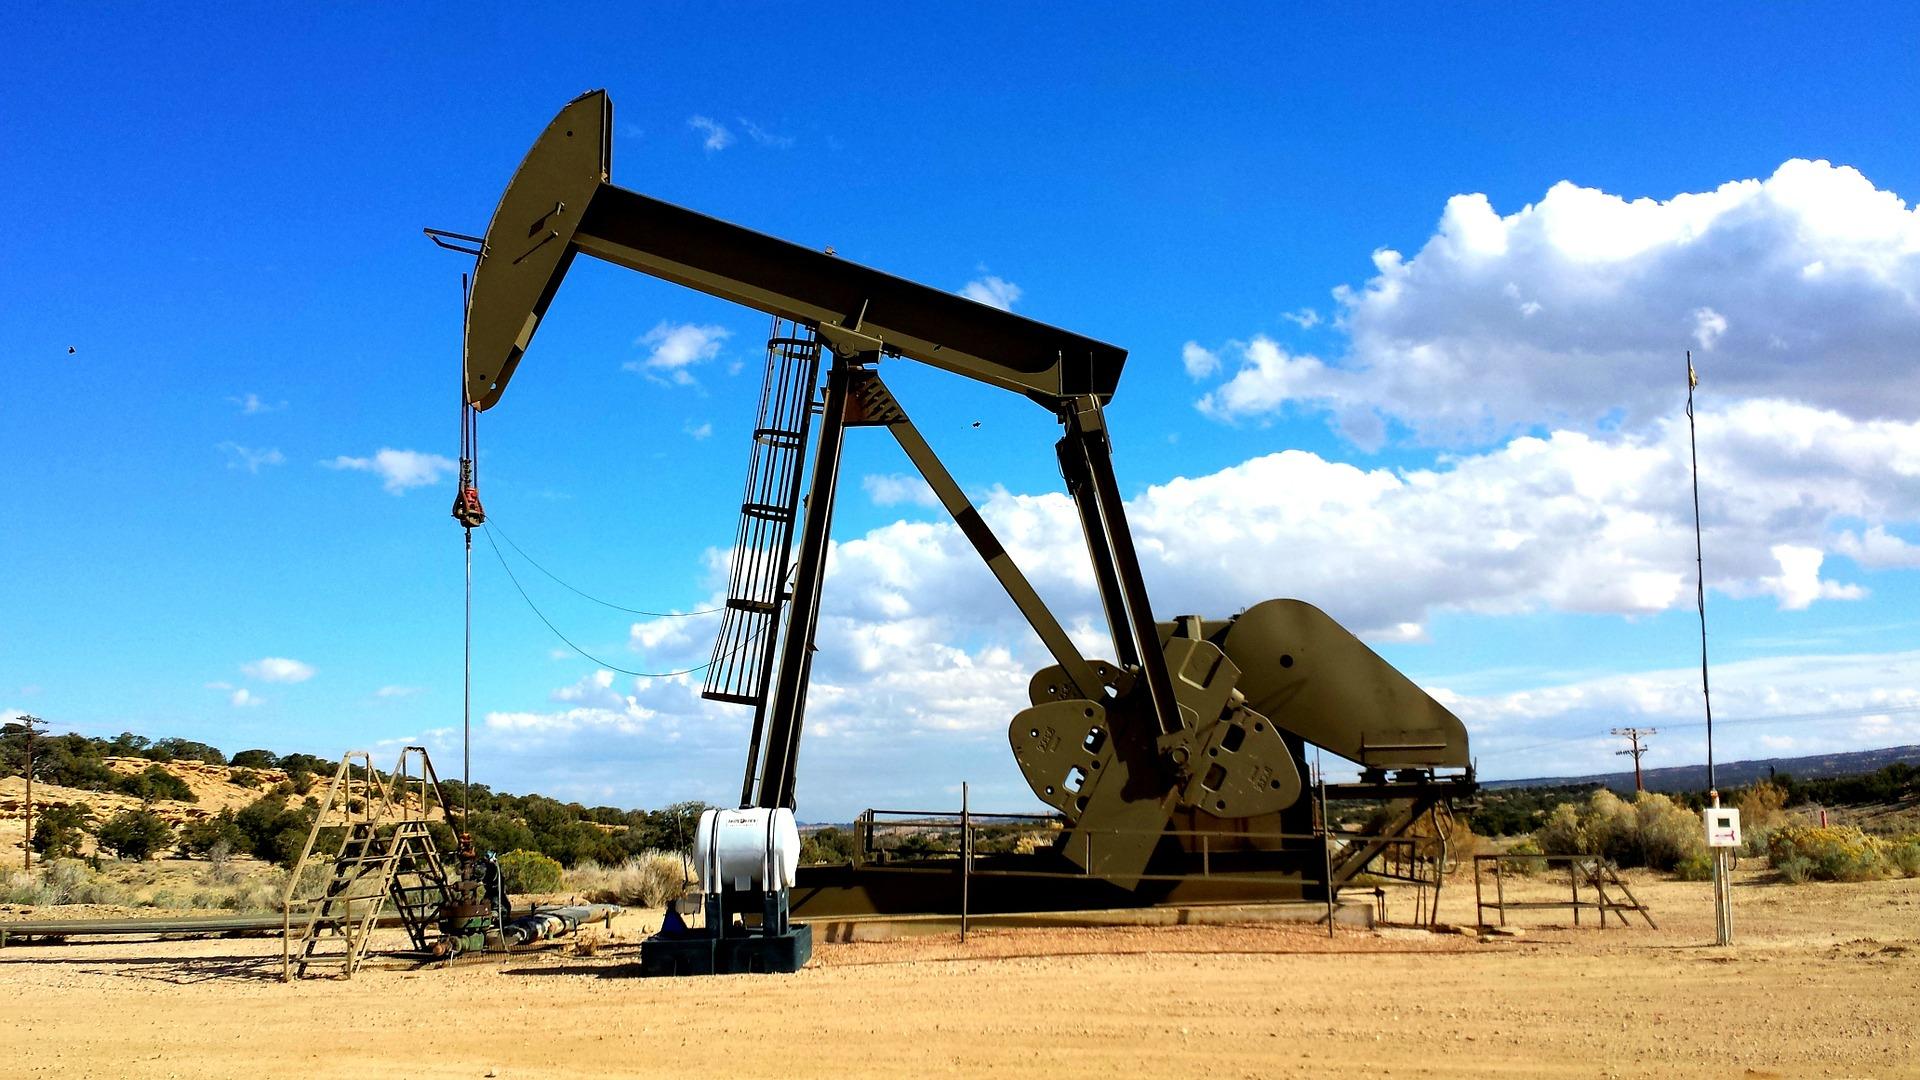 Cabot Oil & Gas Cimarex